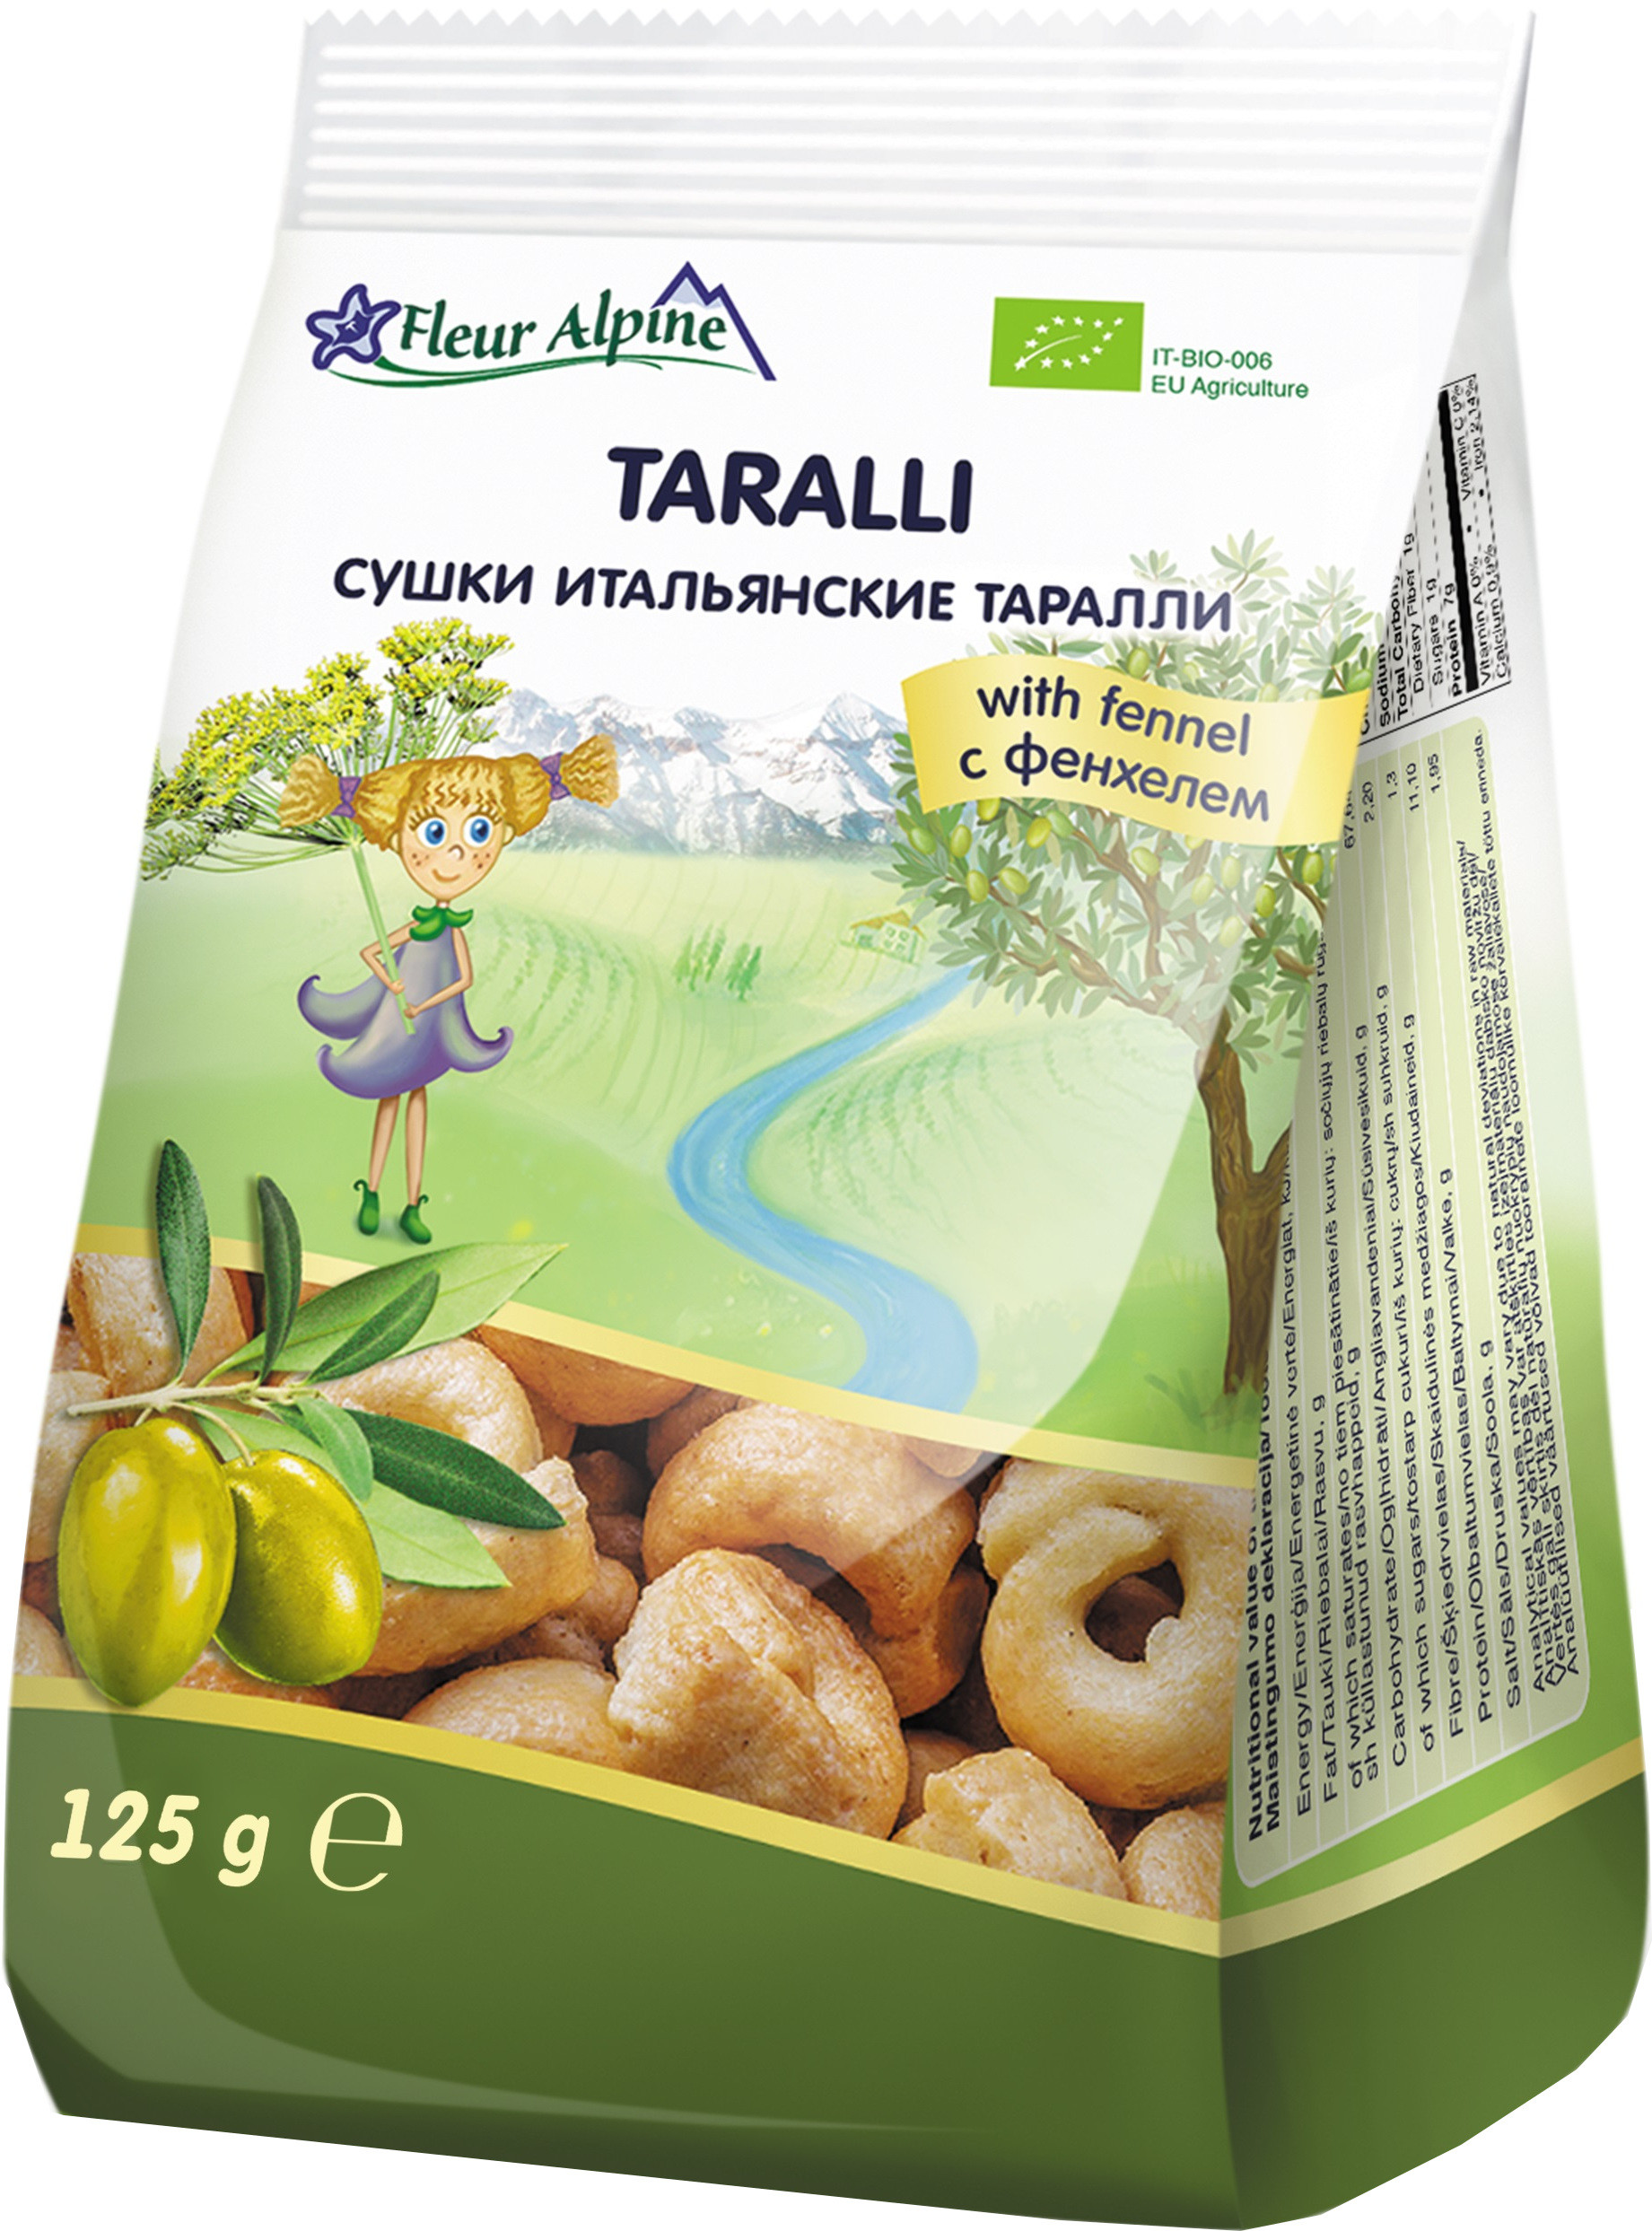 Печенье и сушки Fleur Alpine Taralli с фенхелем итальянские 125 г ростагроэкспорт желе ананас 125 г